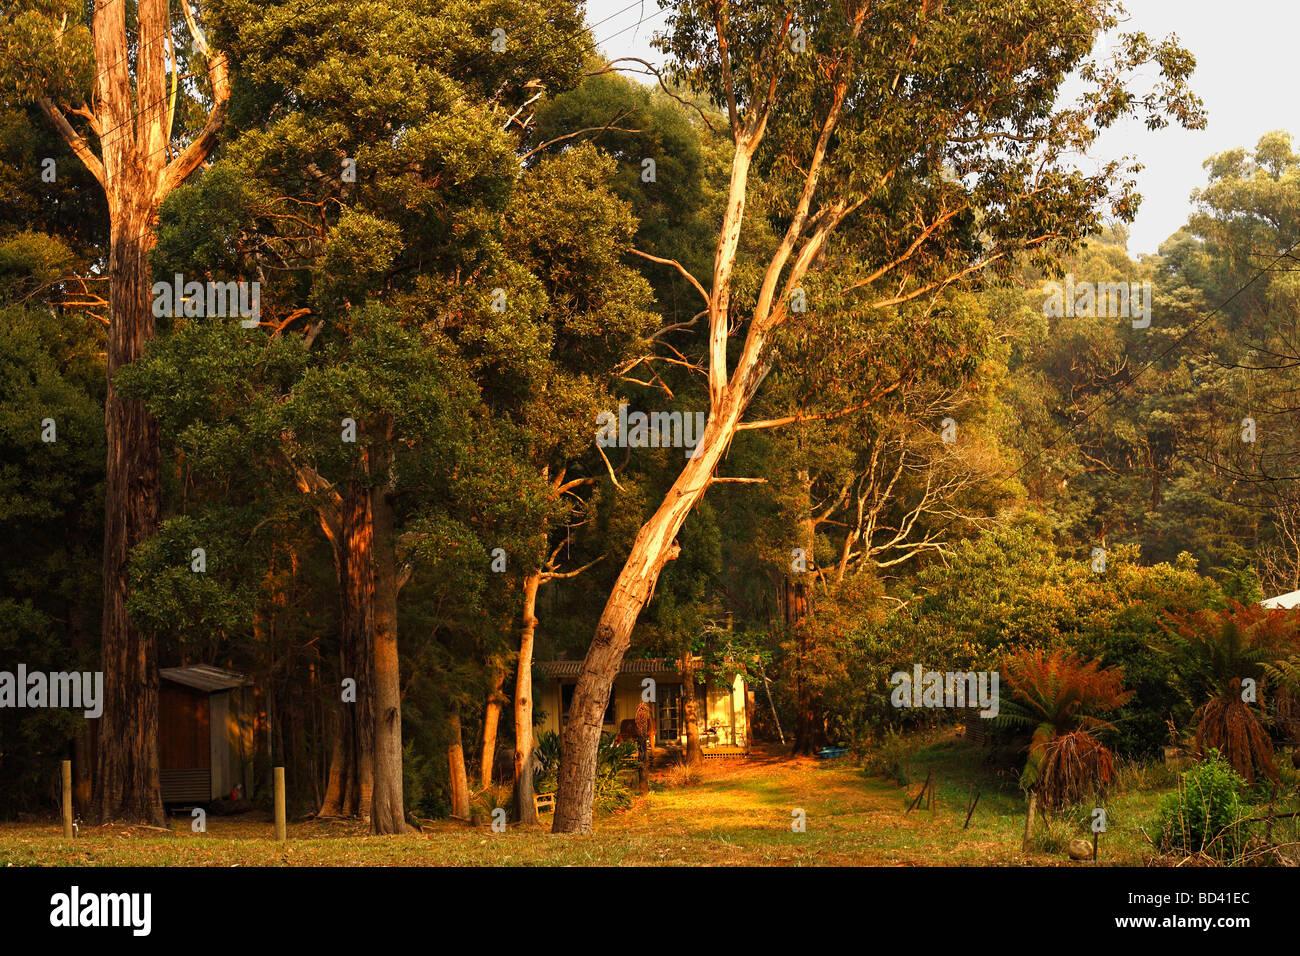 Australian country home in bushland Victoria Australia - Stock Image